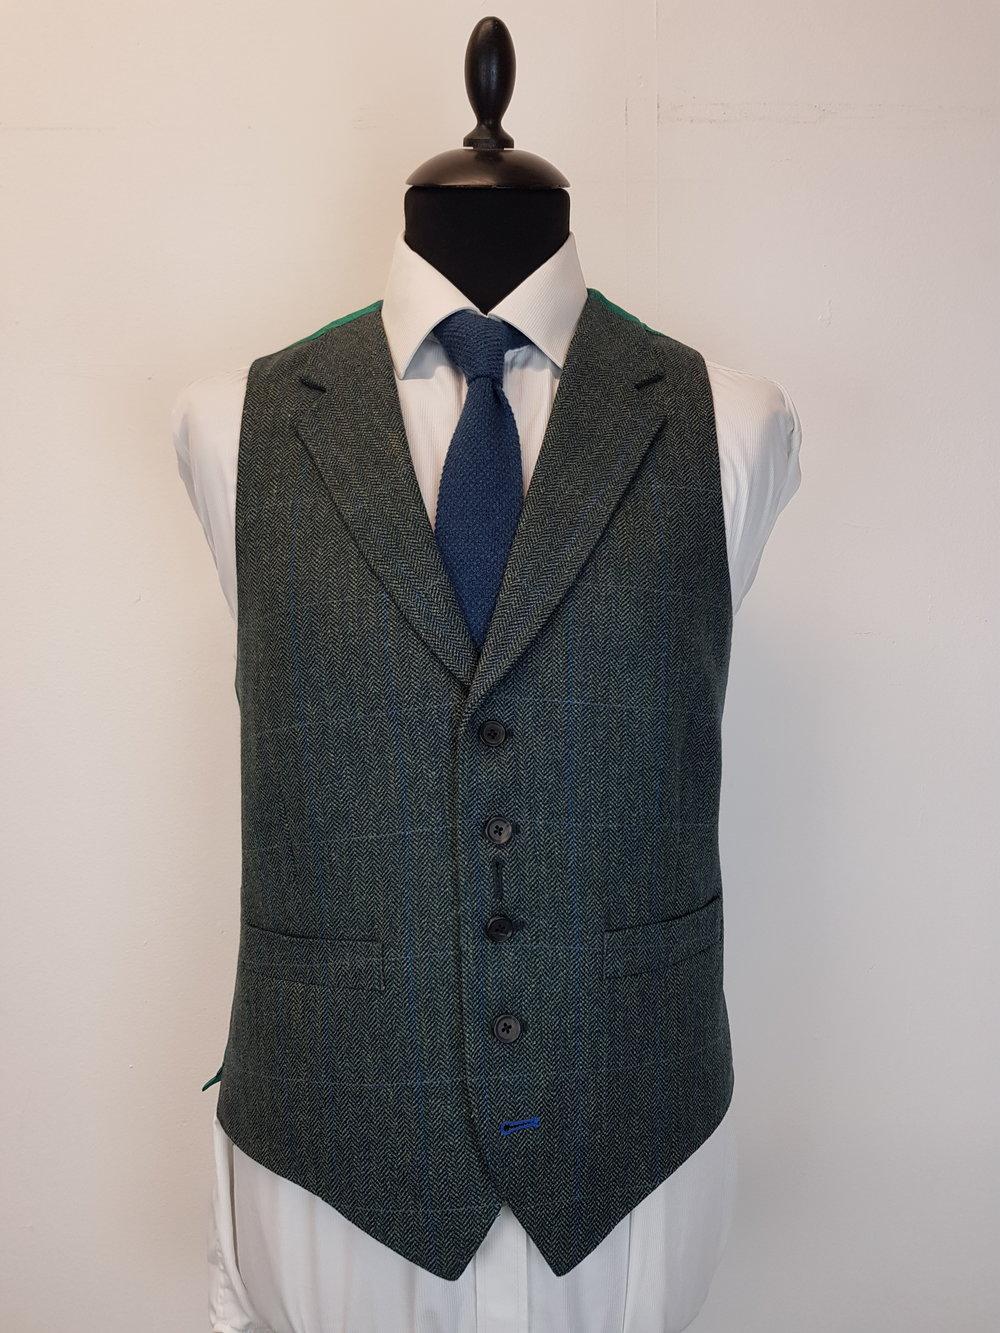 3 Piece Herringbone and check tweed suit (2).jpg